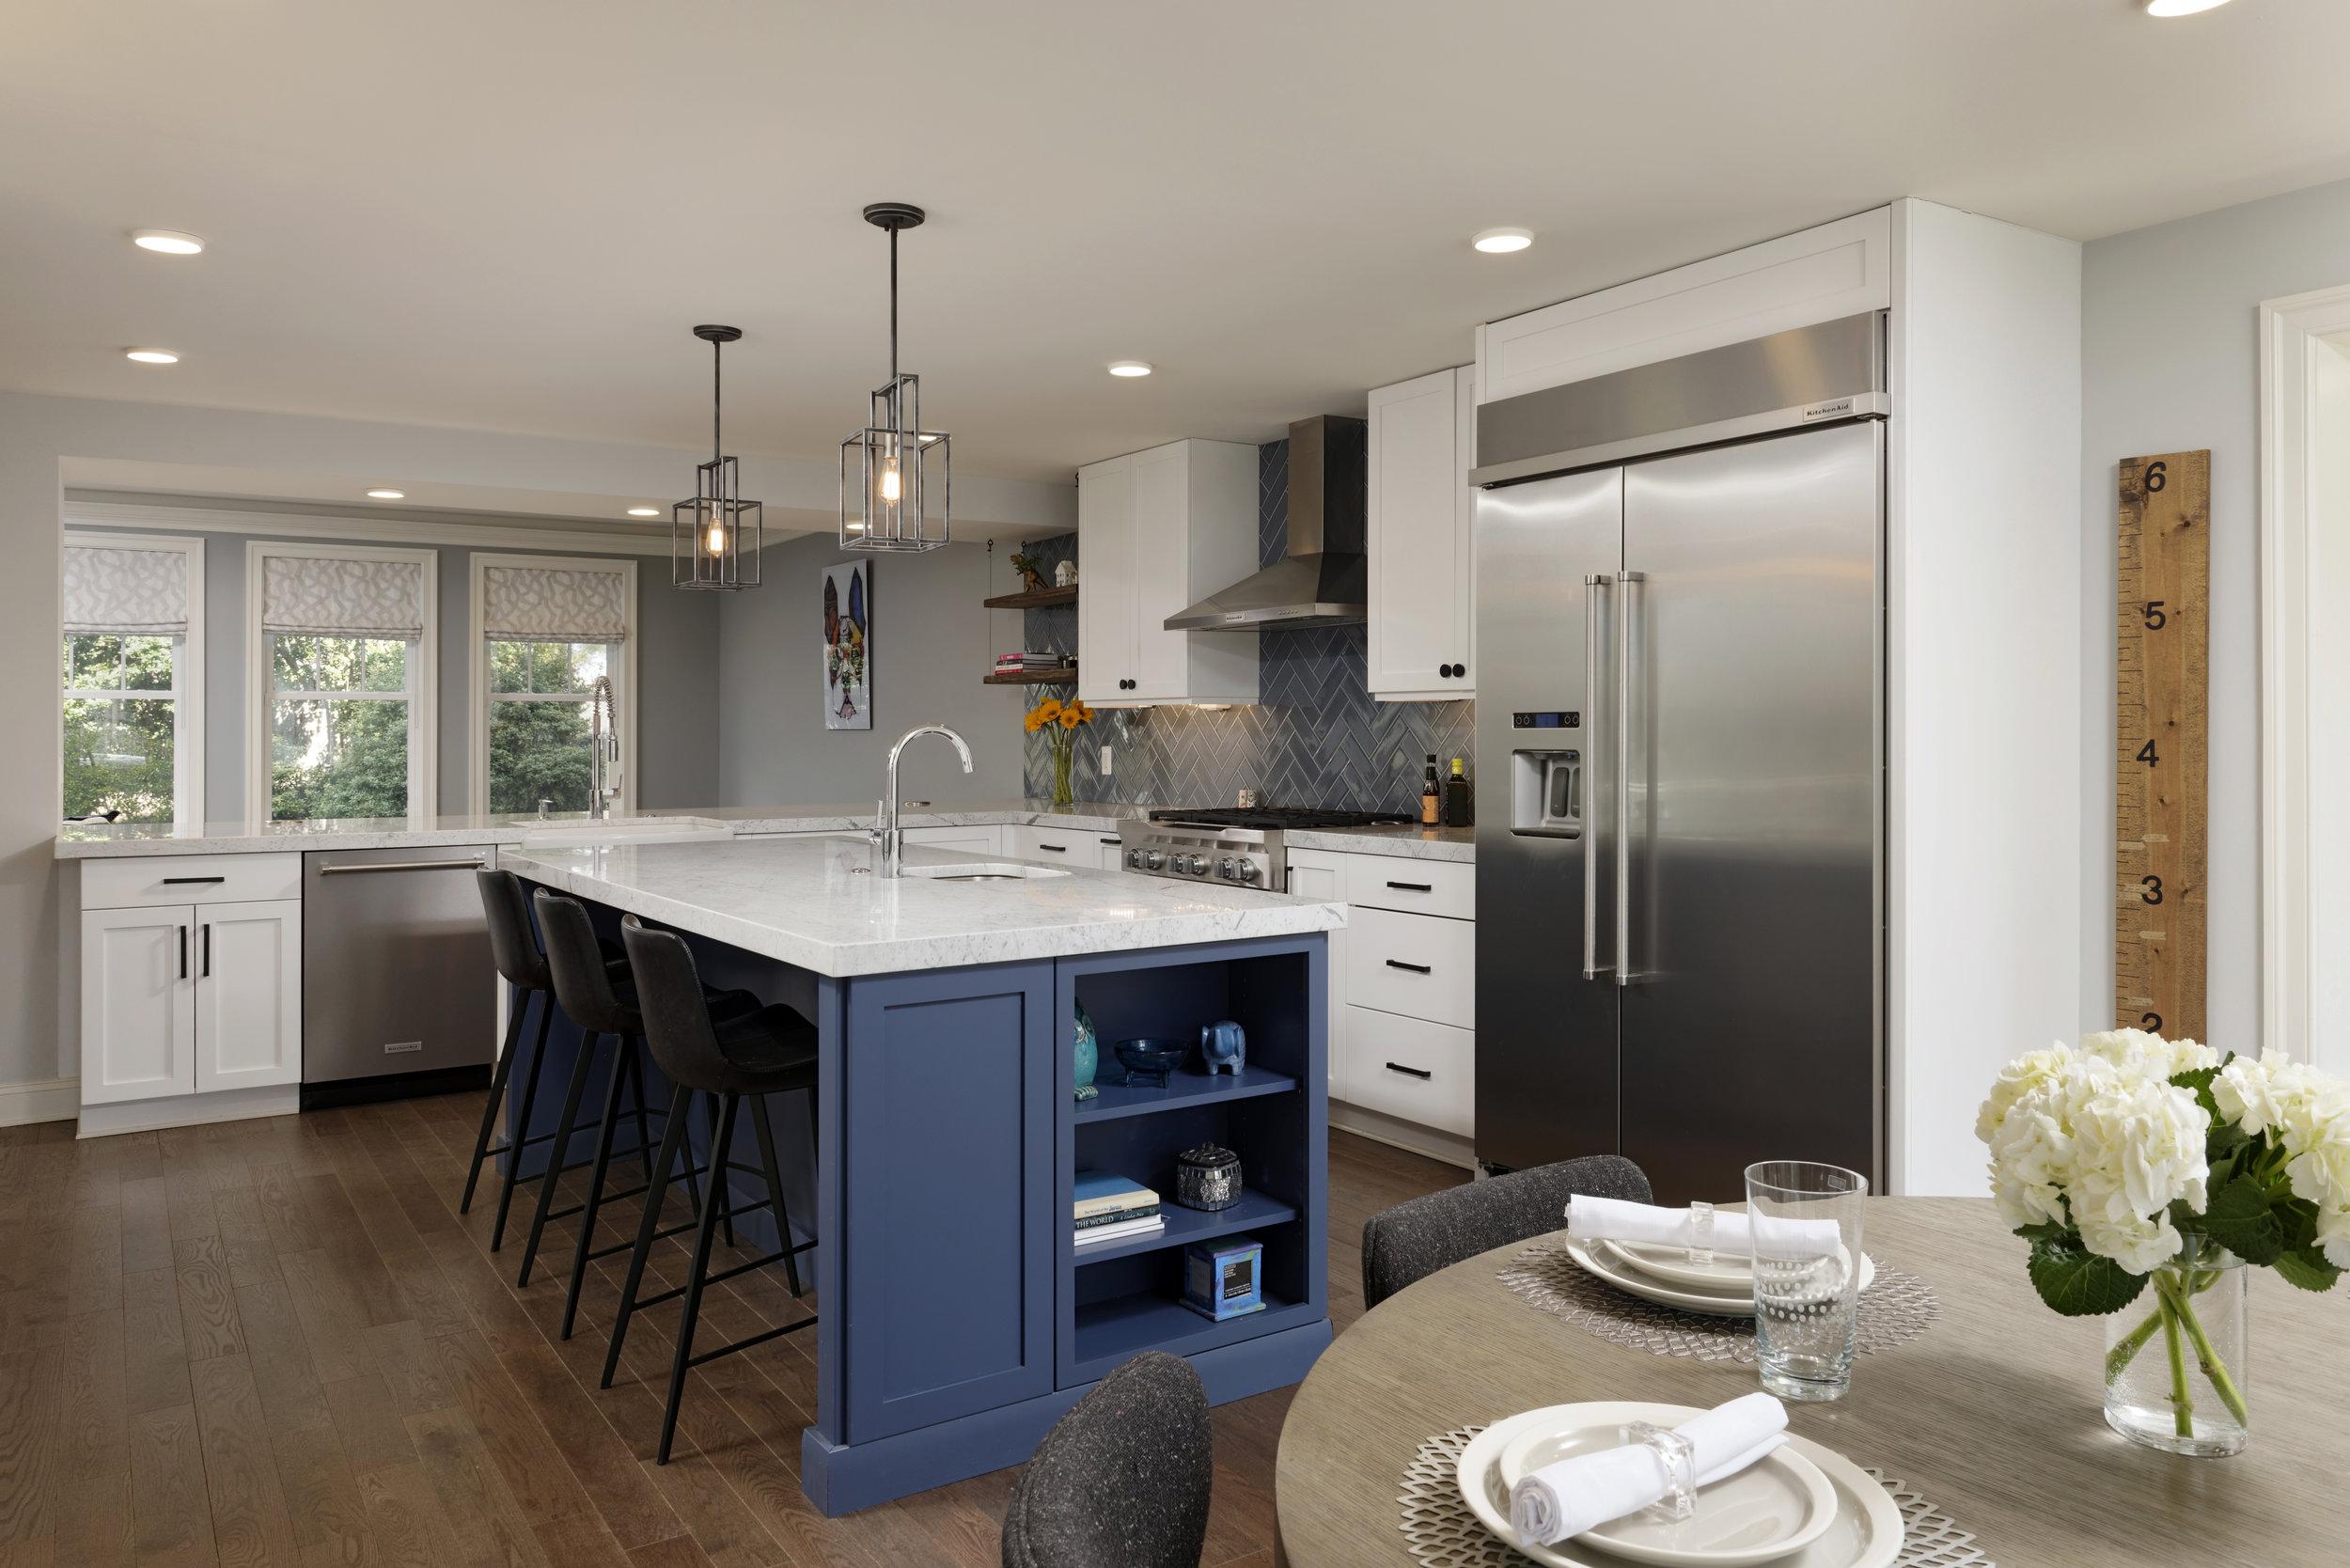 Meltzer High Res-Kitchen-D19045-3745 R.jpg